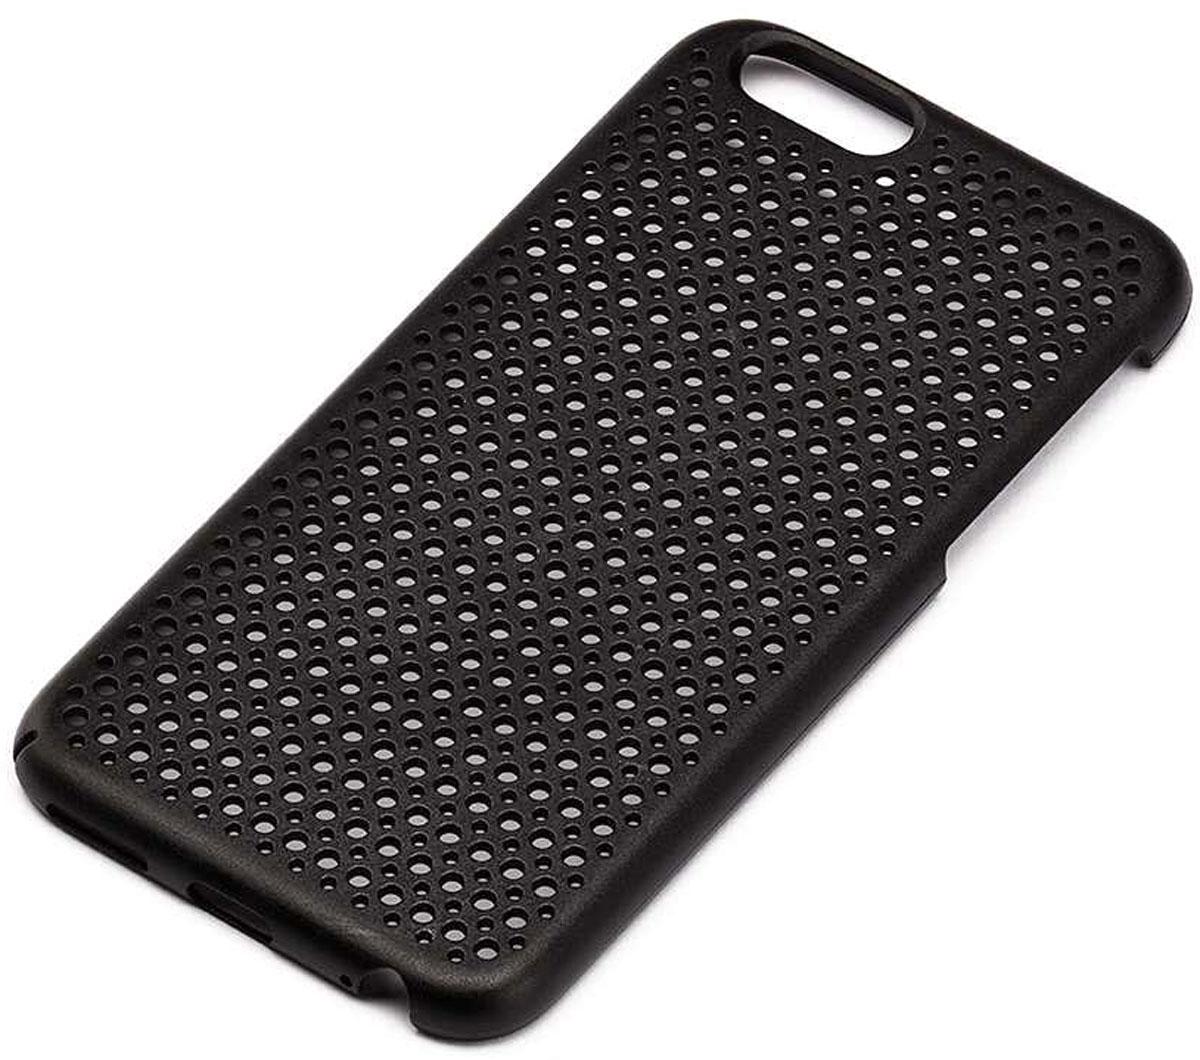 Gear4 Lattice IC6008 чехол для iPhone 6 New, BlackIC6008Gear4 Lattice - полезный аксессуар, который надежно защищает ваш Apple iPhone 6 от внешних воздействий, грязи, пыли, брызг. Также Gear4 Lattice поможет при ударах и падениях, смягчая удары, не позволяя образовываться на корпусе царапинам и потертостям. Кроме того, он будет незаменим при длительной транспортировке устройства.